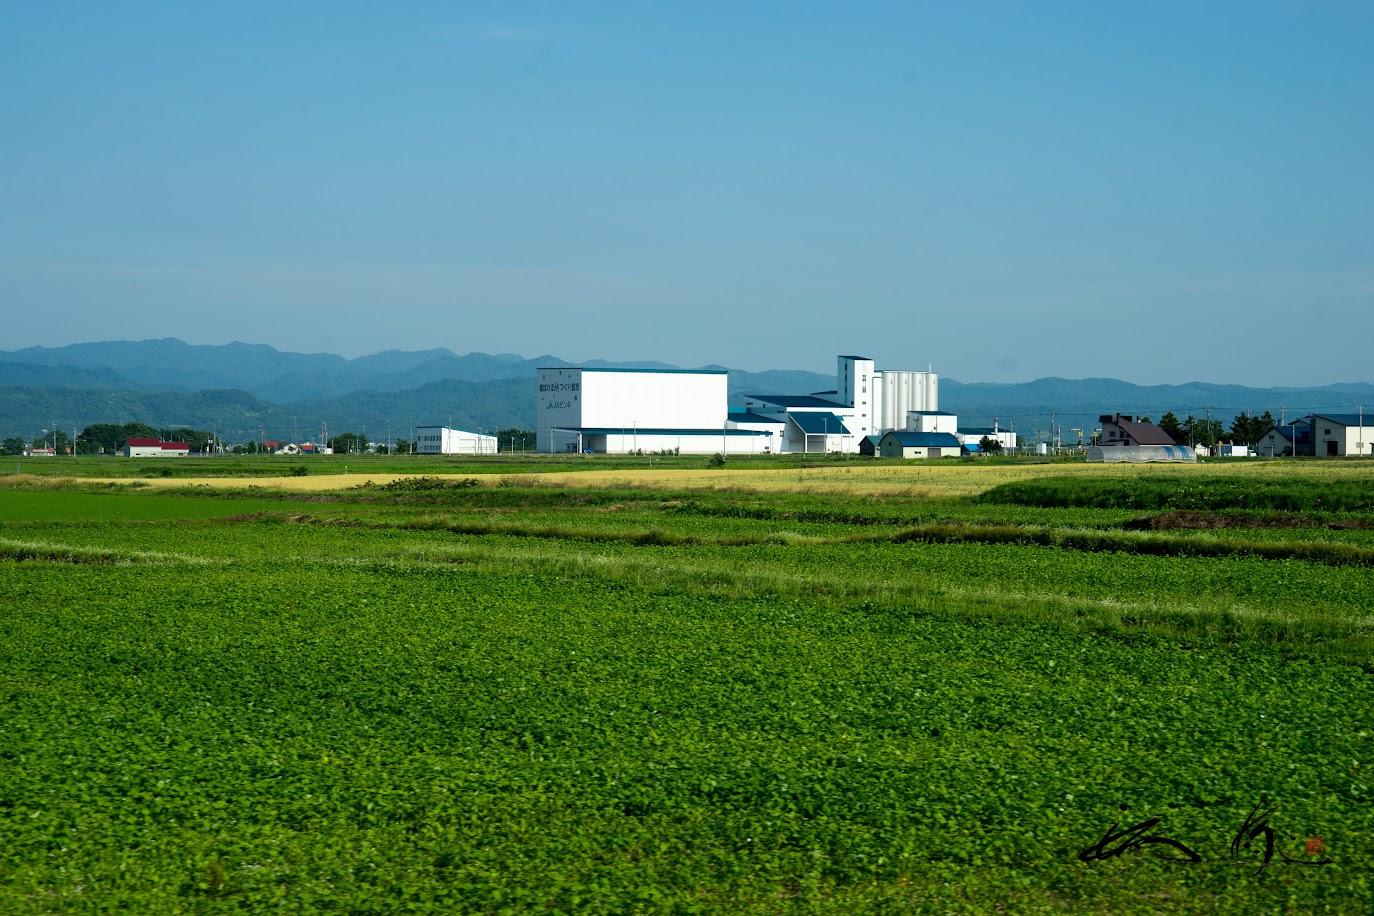 田んぼからピンネ農協・中心蔵ライスターミナルを望む風景